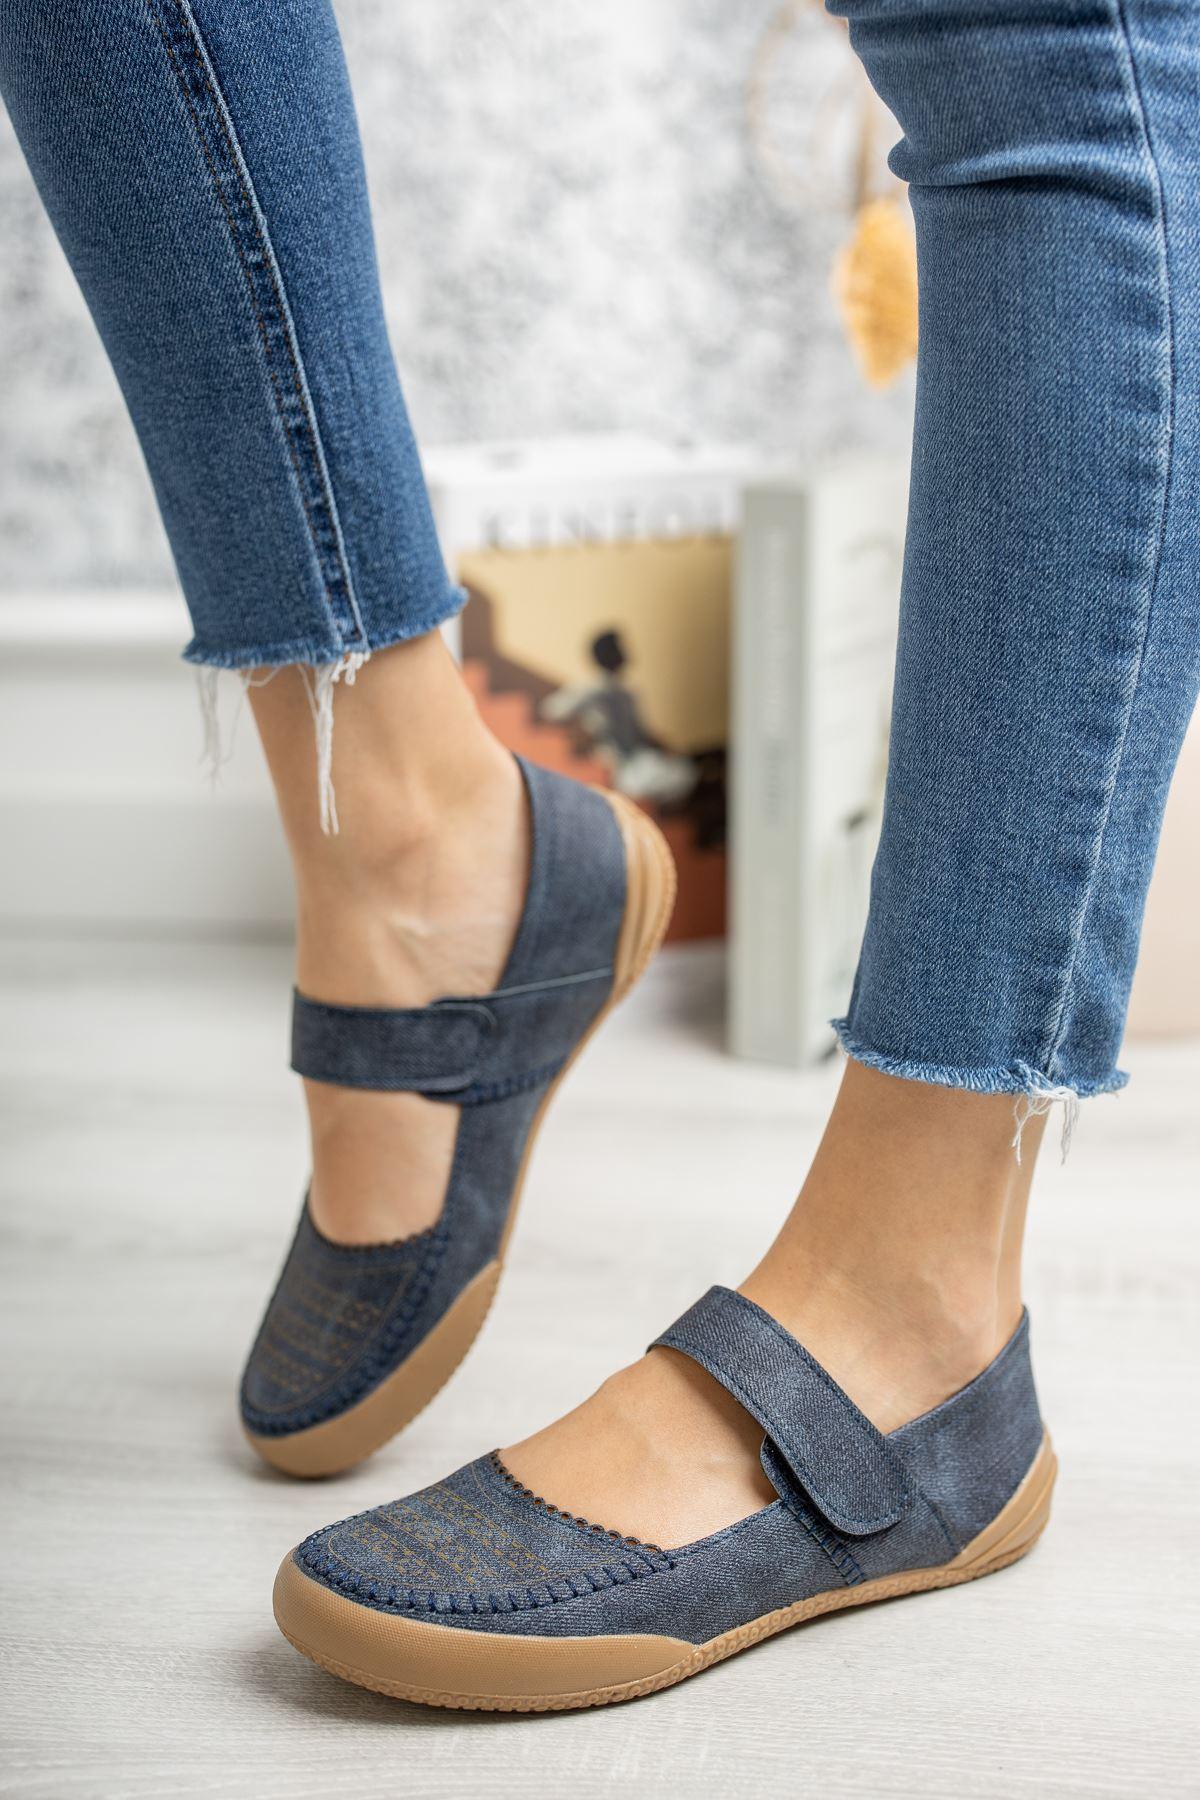 Ortapedik Ped Cırtlı Lacivert Ayakkabı